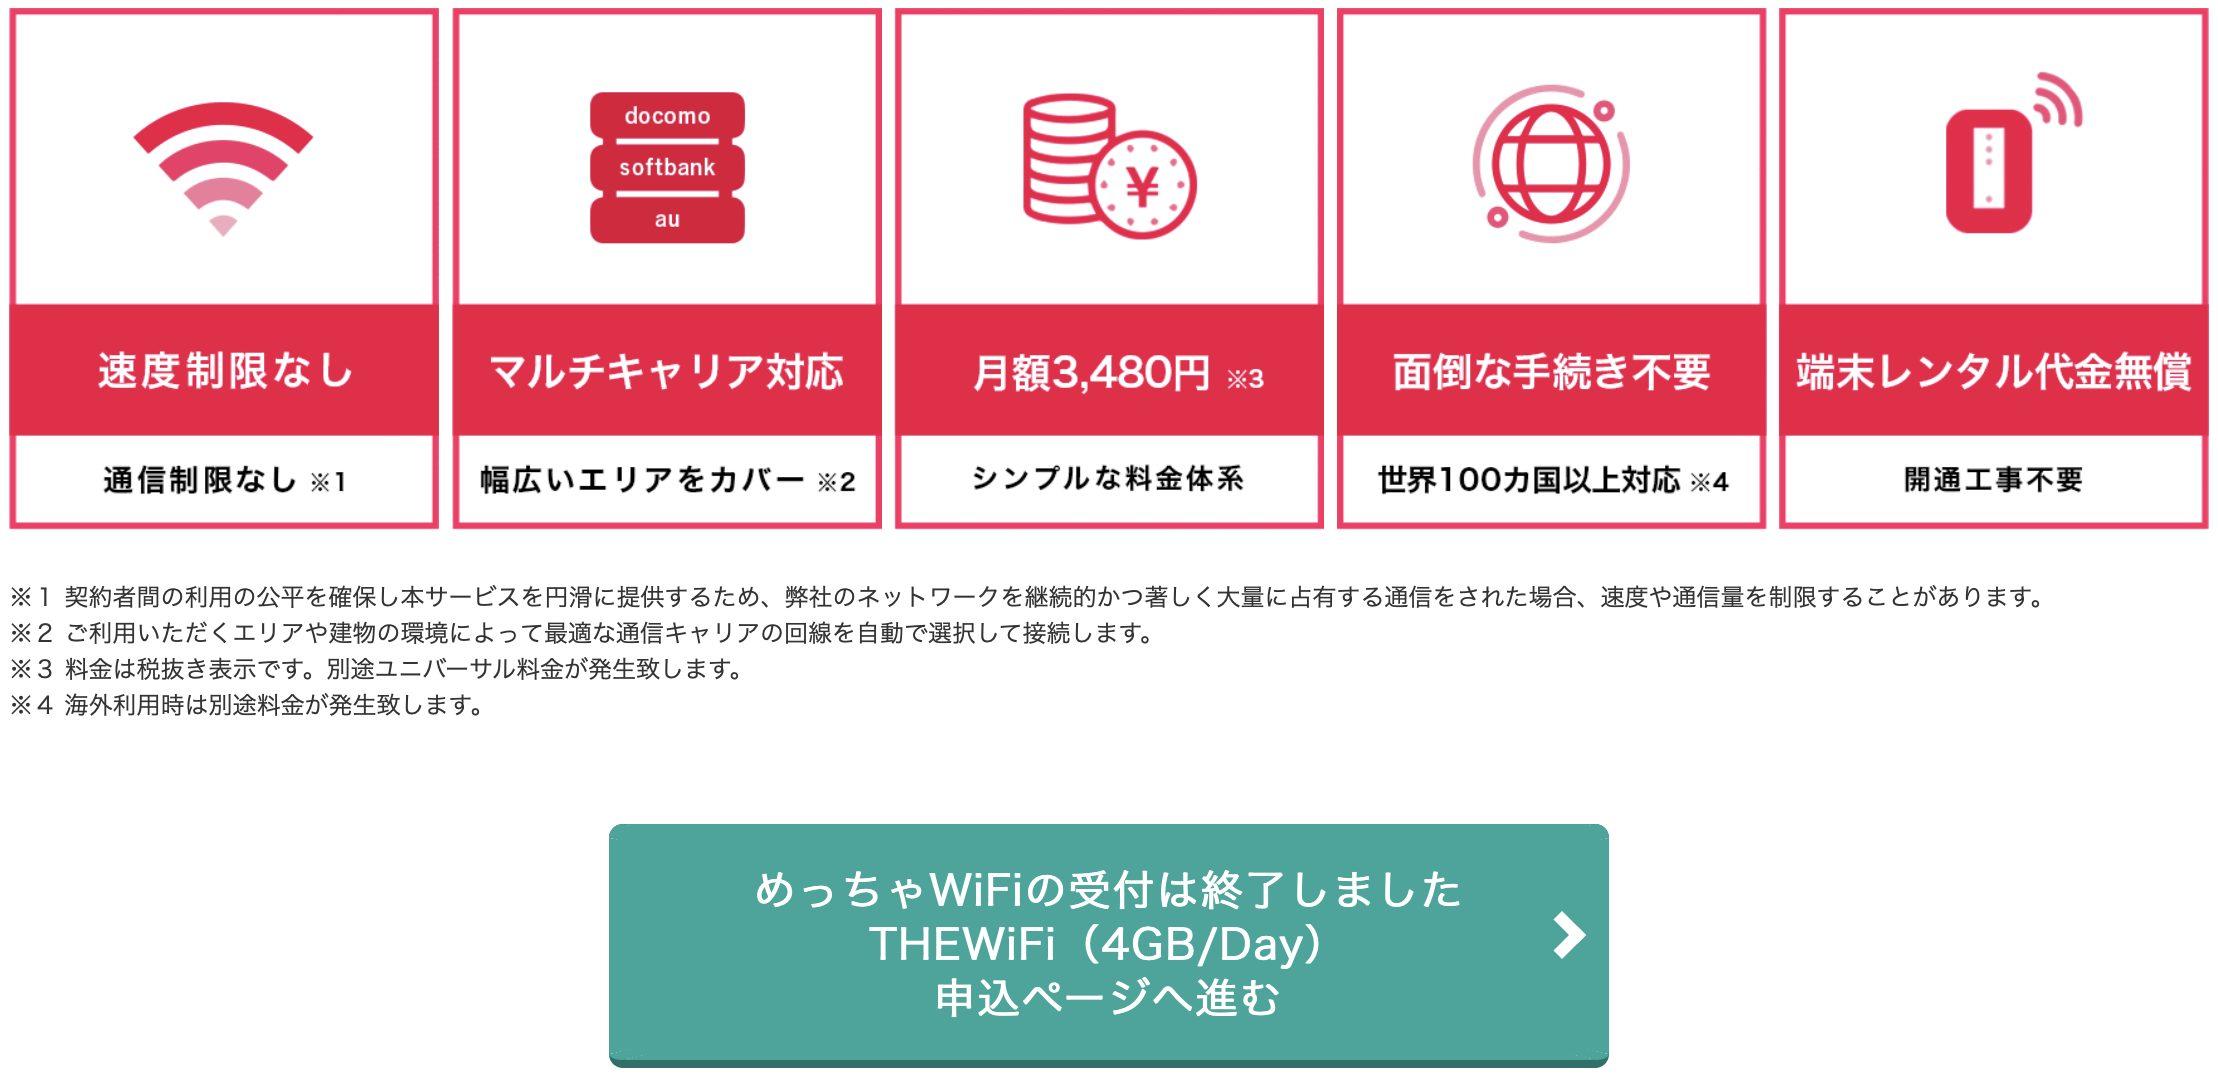 めっちゃWi-Fi